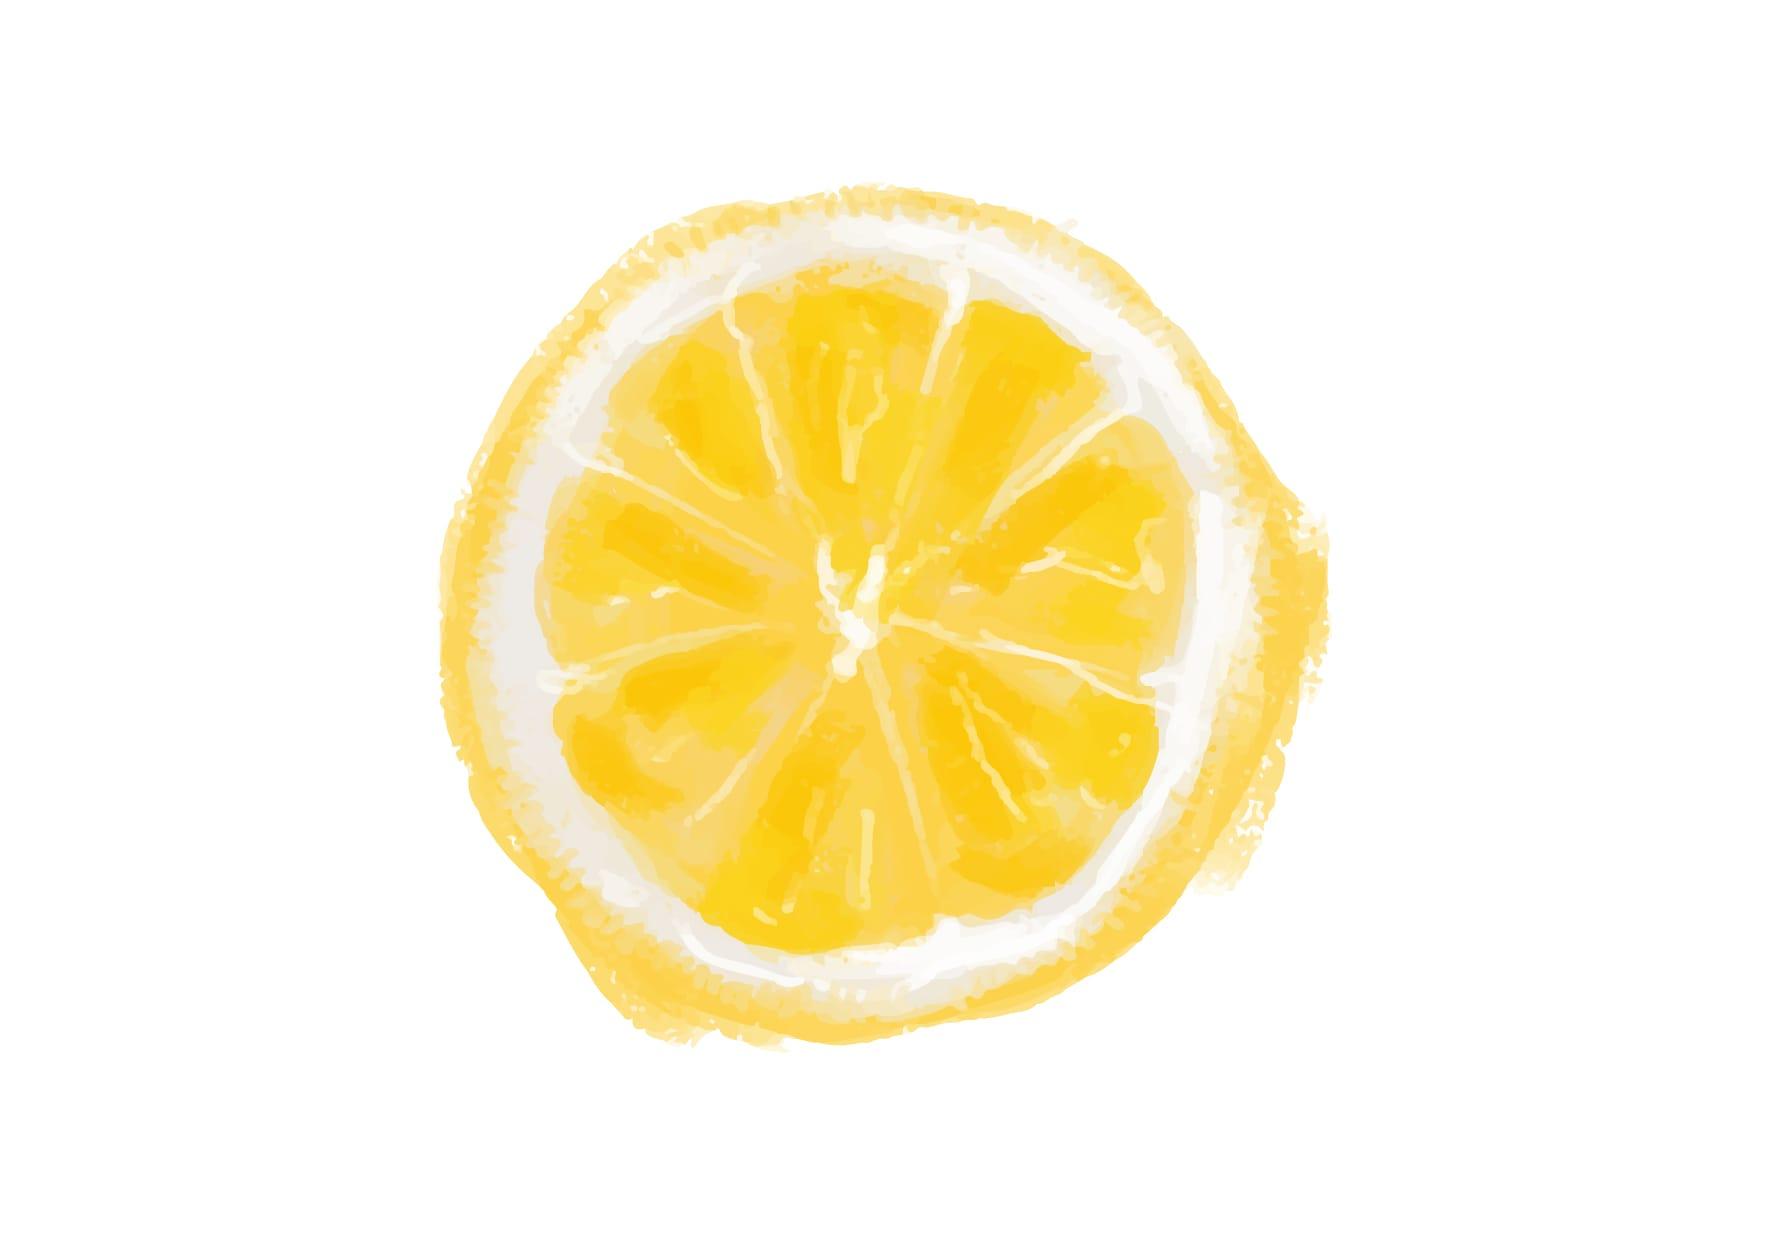 おしゃれなイラスト|手書き オレンジ 1つ3